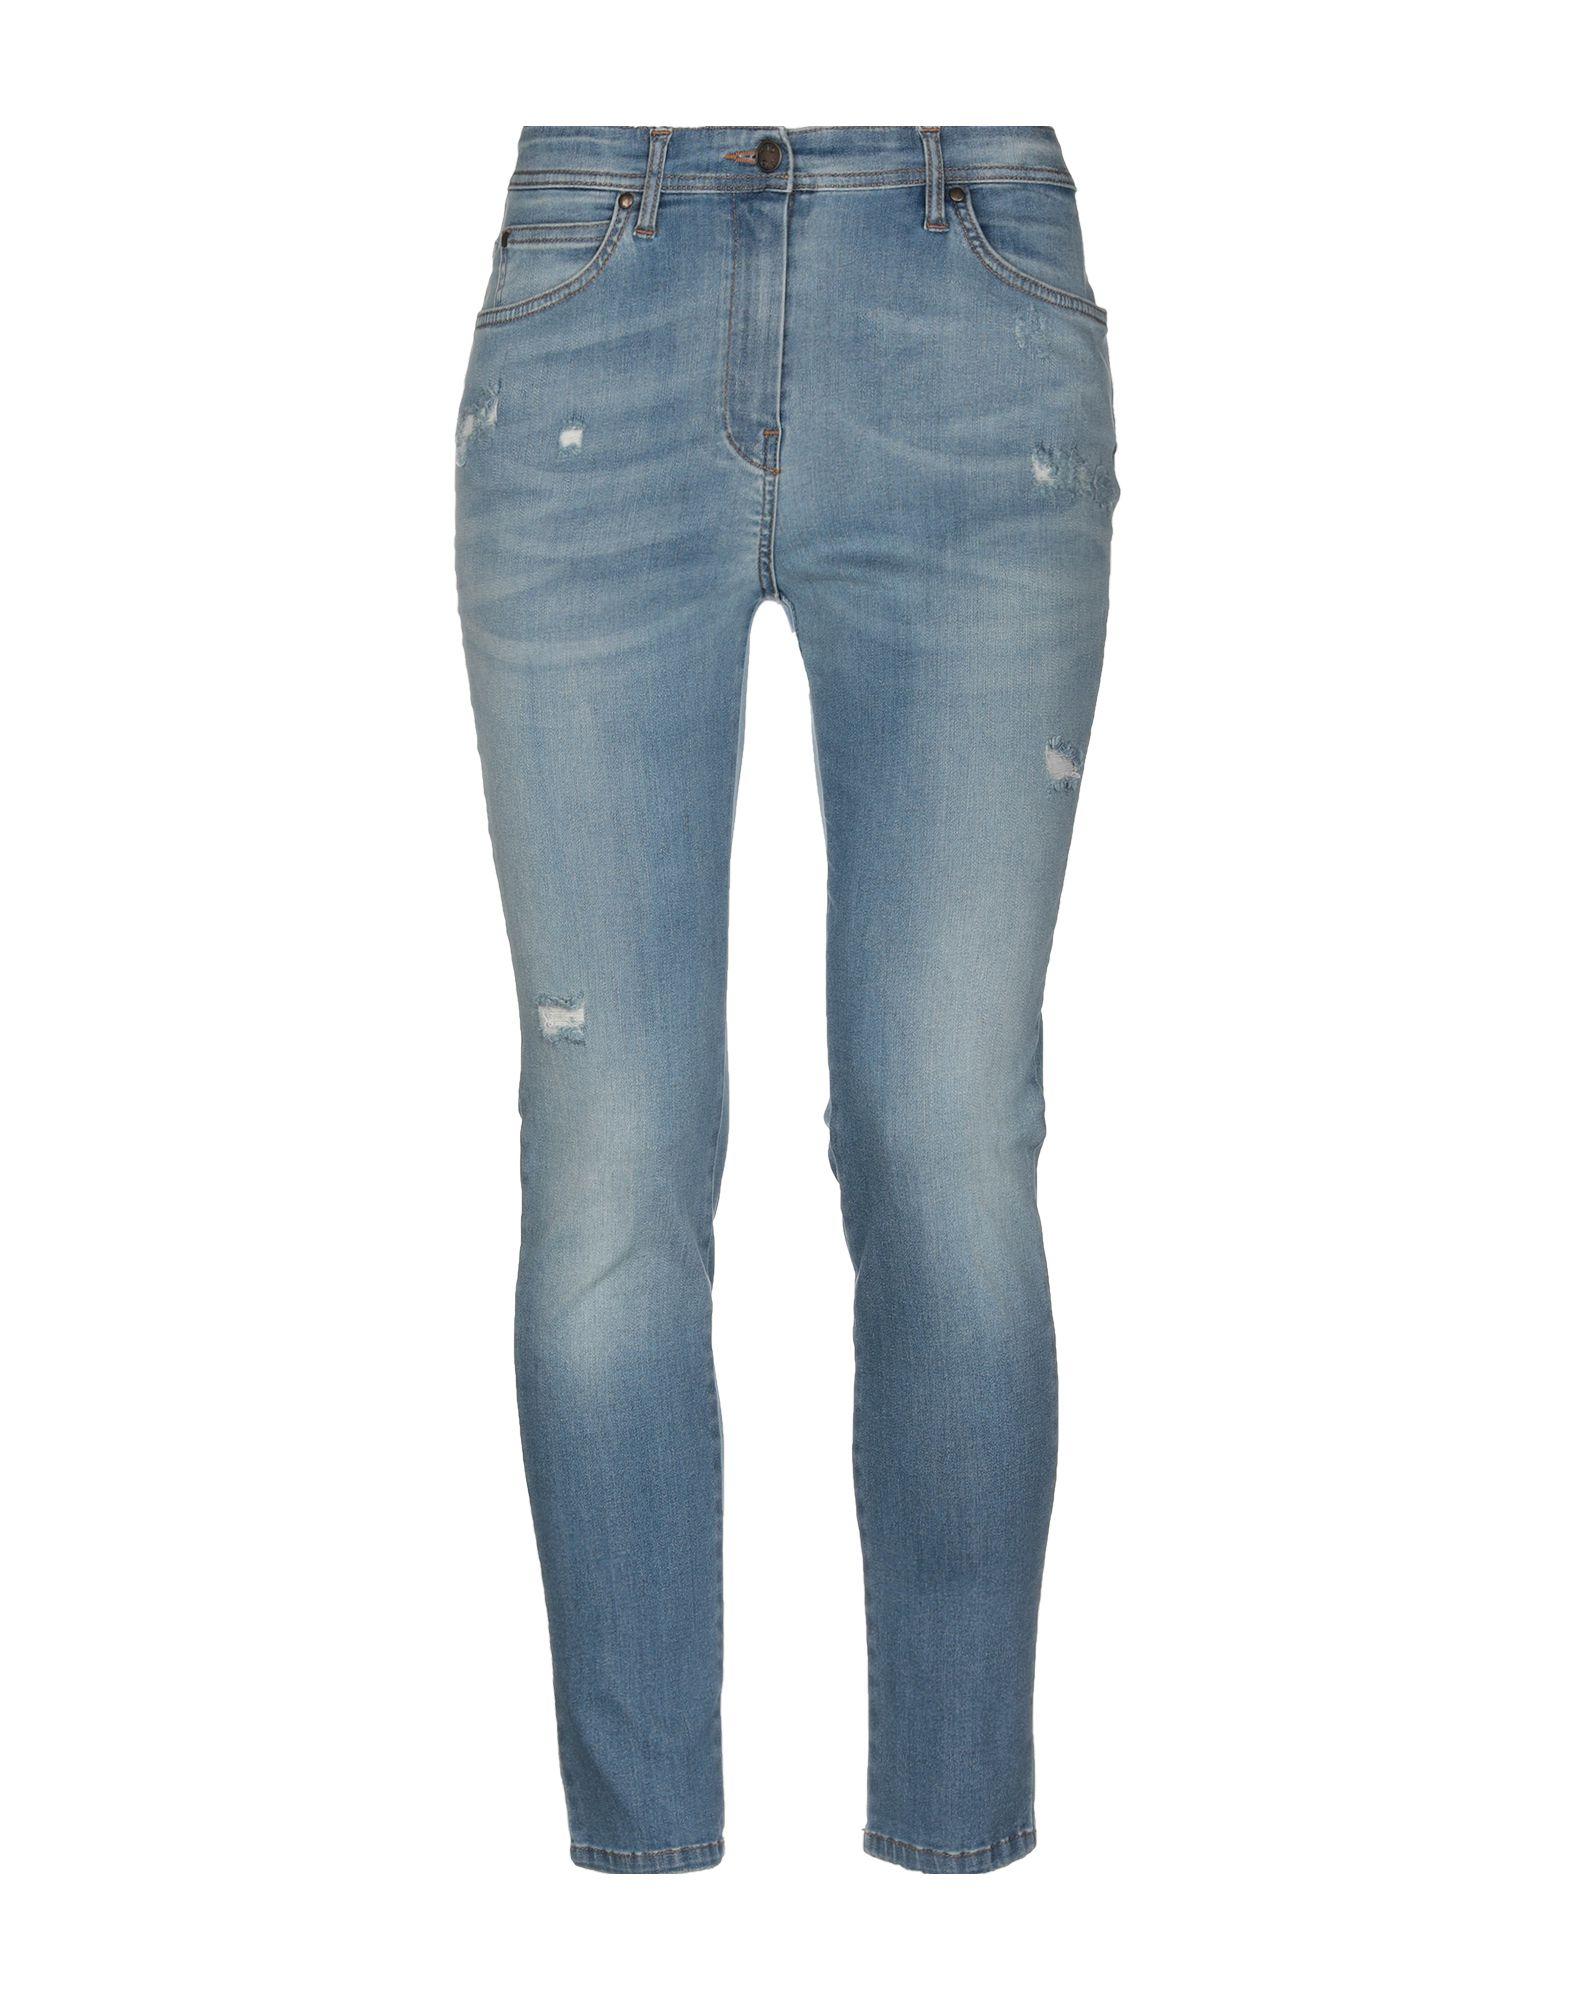 Pantaloni Pantaloni Jeans Clips More donna - 42711494JL  großer Verkauf